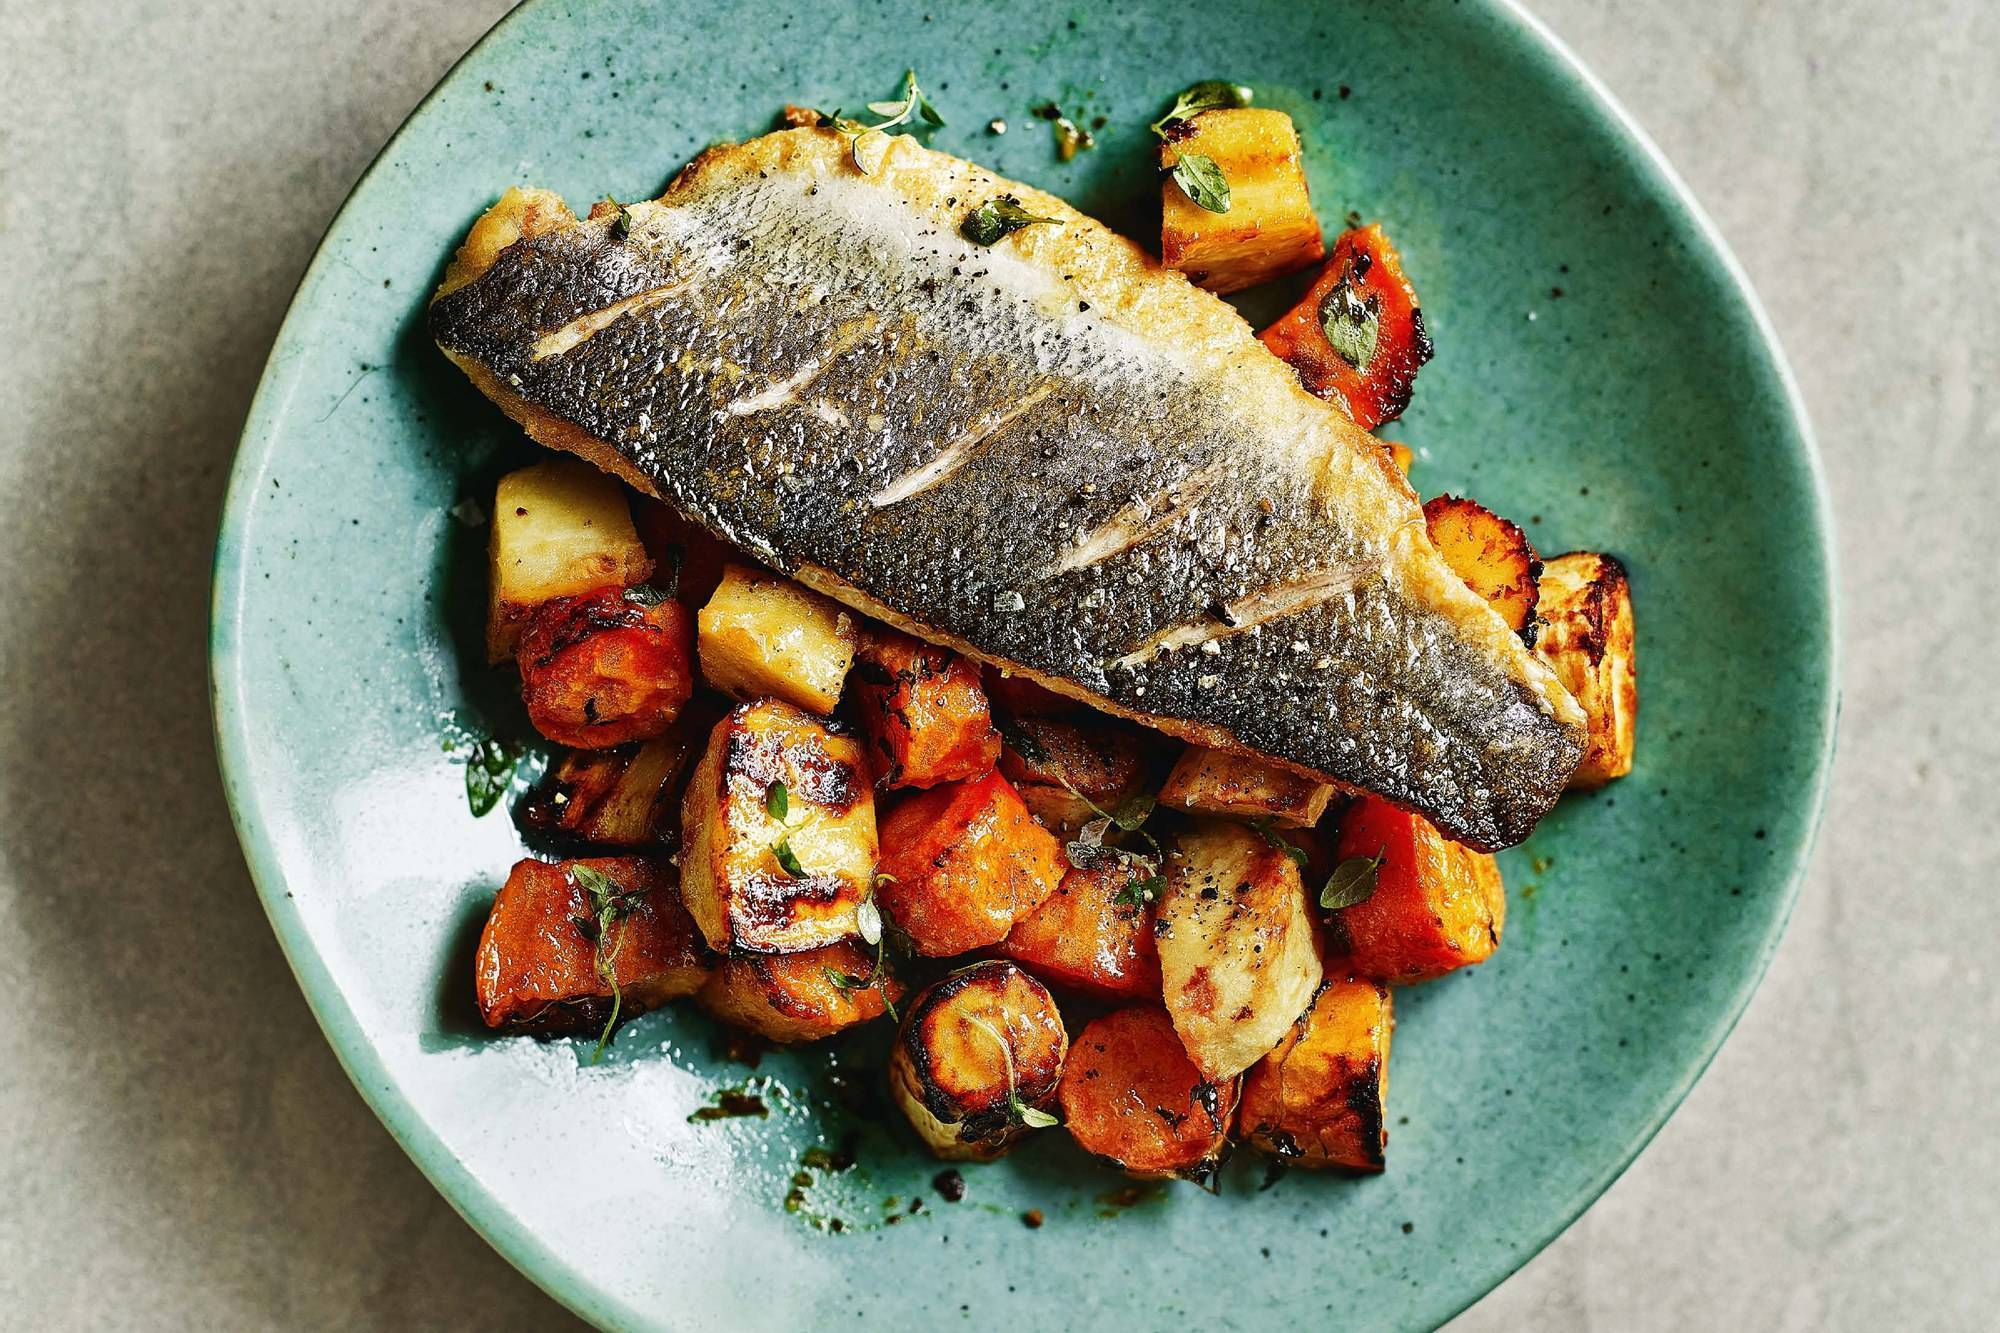 Гарнир к рыбе (жареной, запеченной, копченой) — рецепты, что лучше приготовить